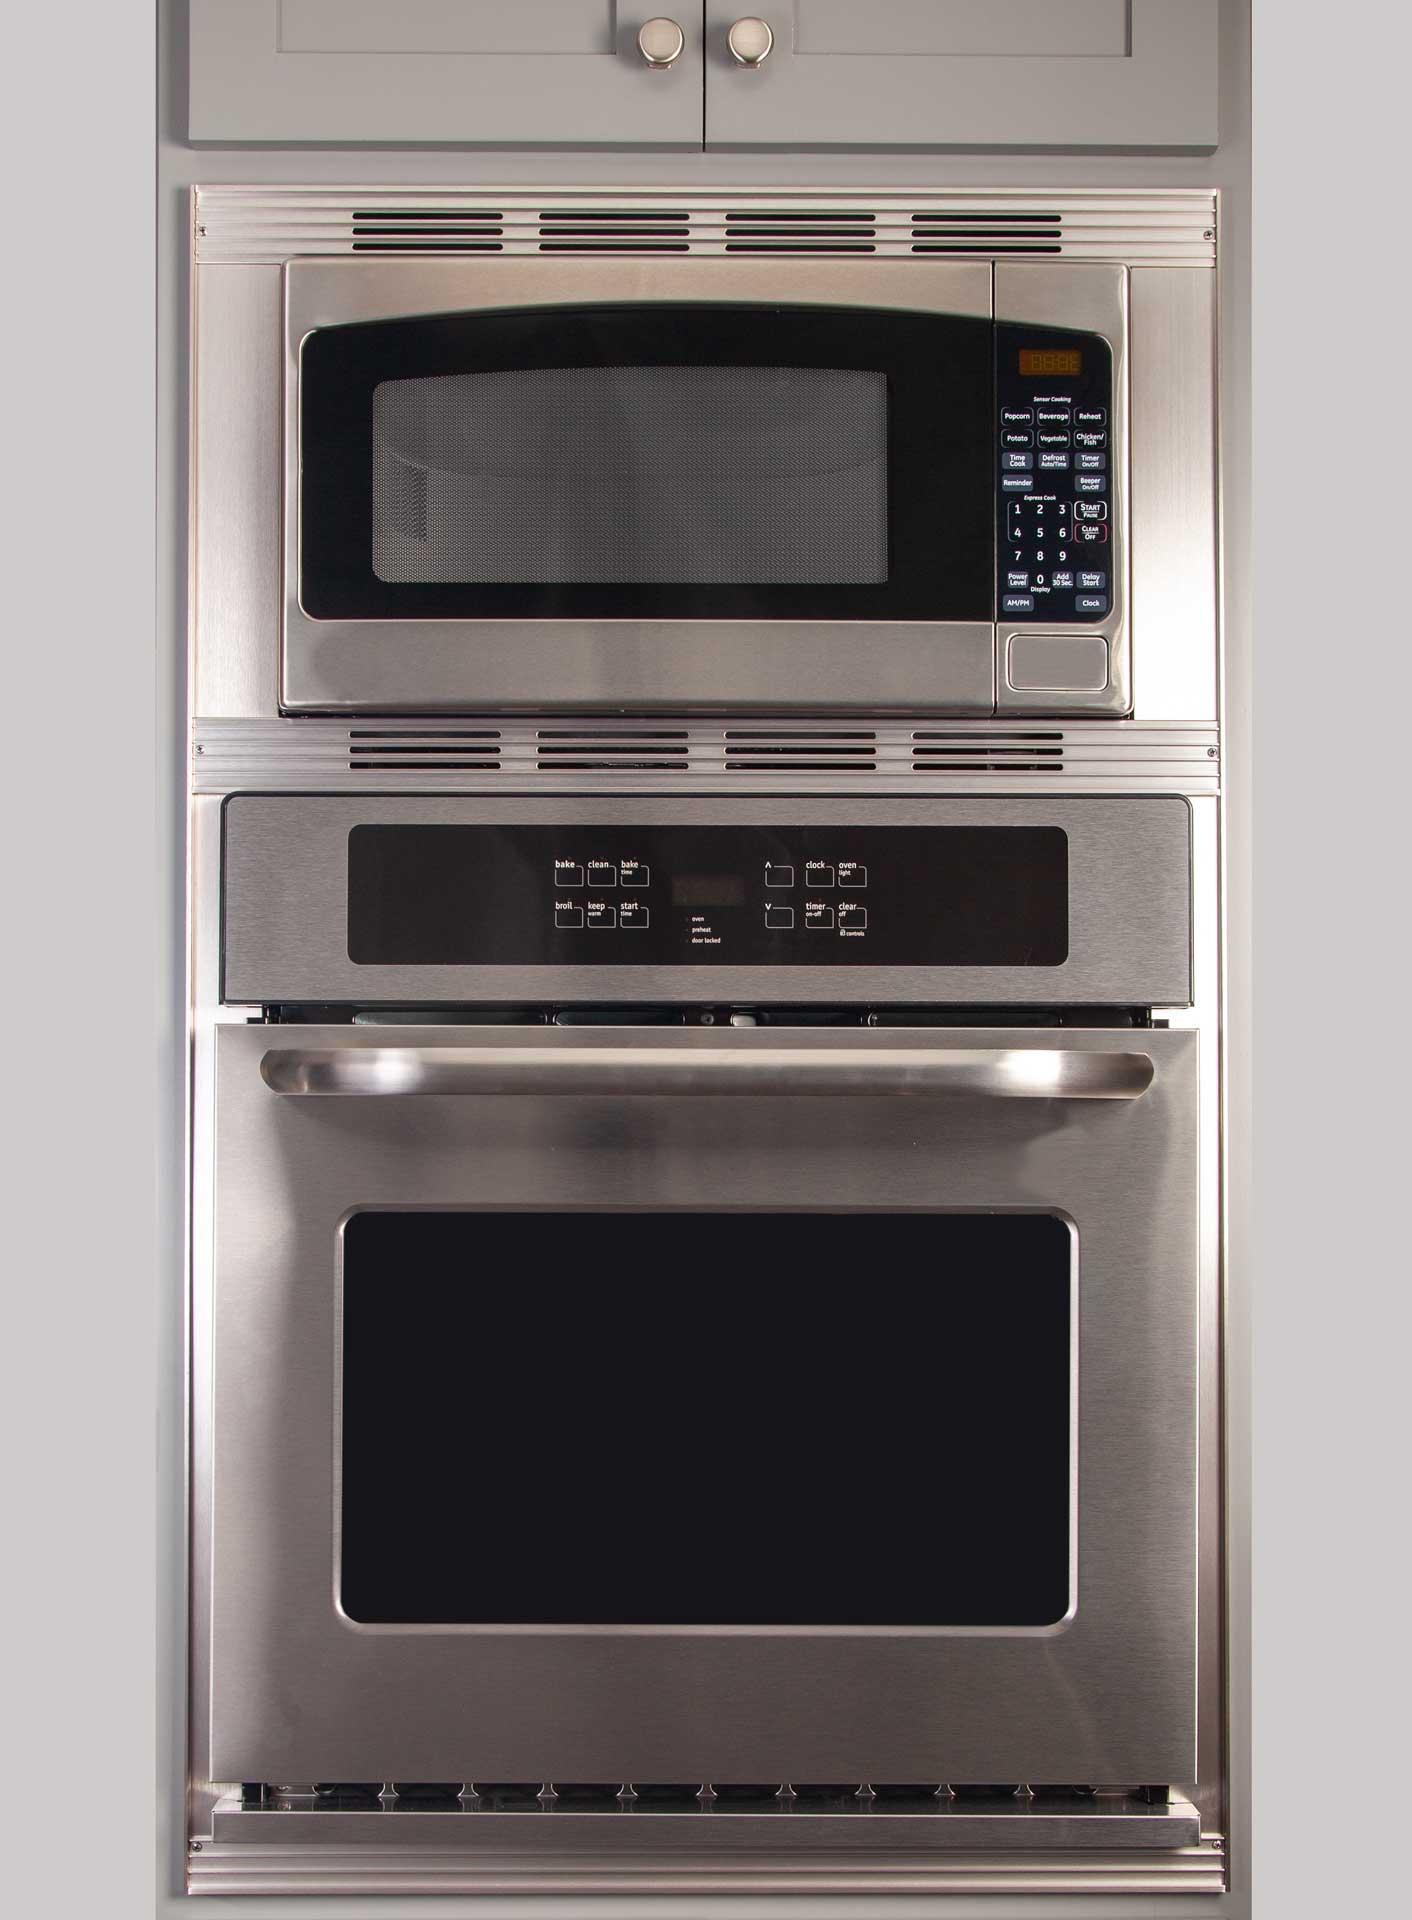 micro_trim_prod_micro_oven_full2